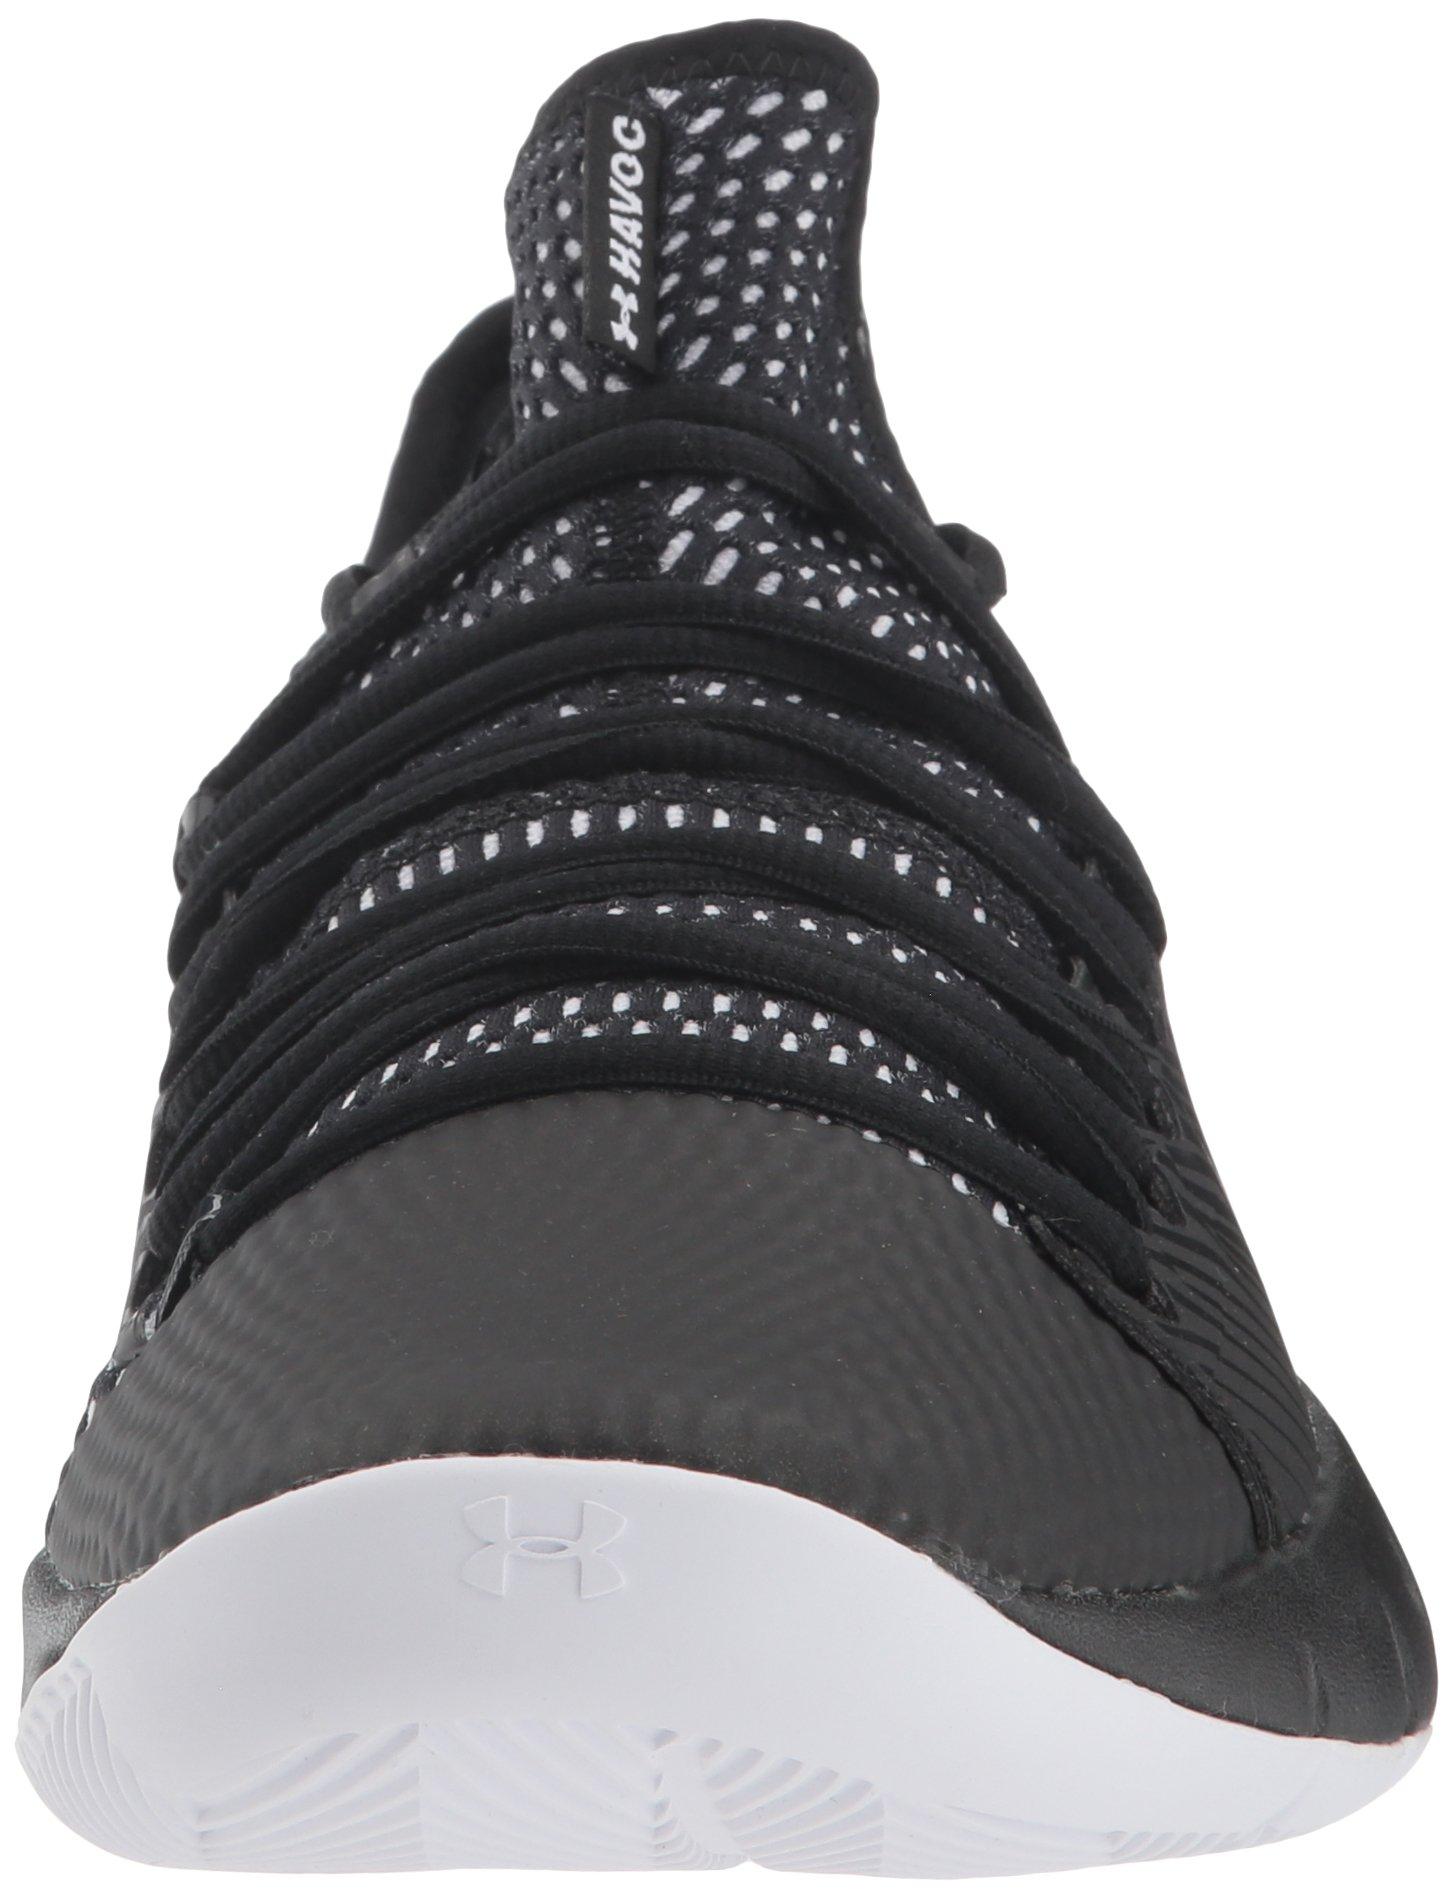 Under Armour Men/'s Drive 5 Low Basketball Shoe Choose SZ//color Bl